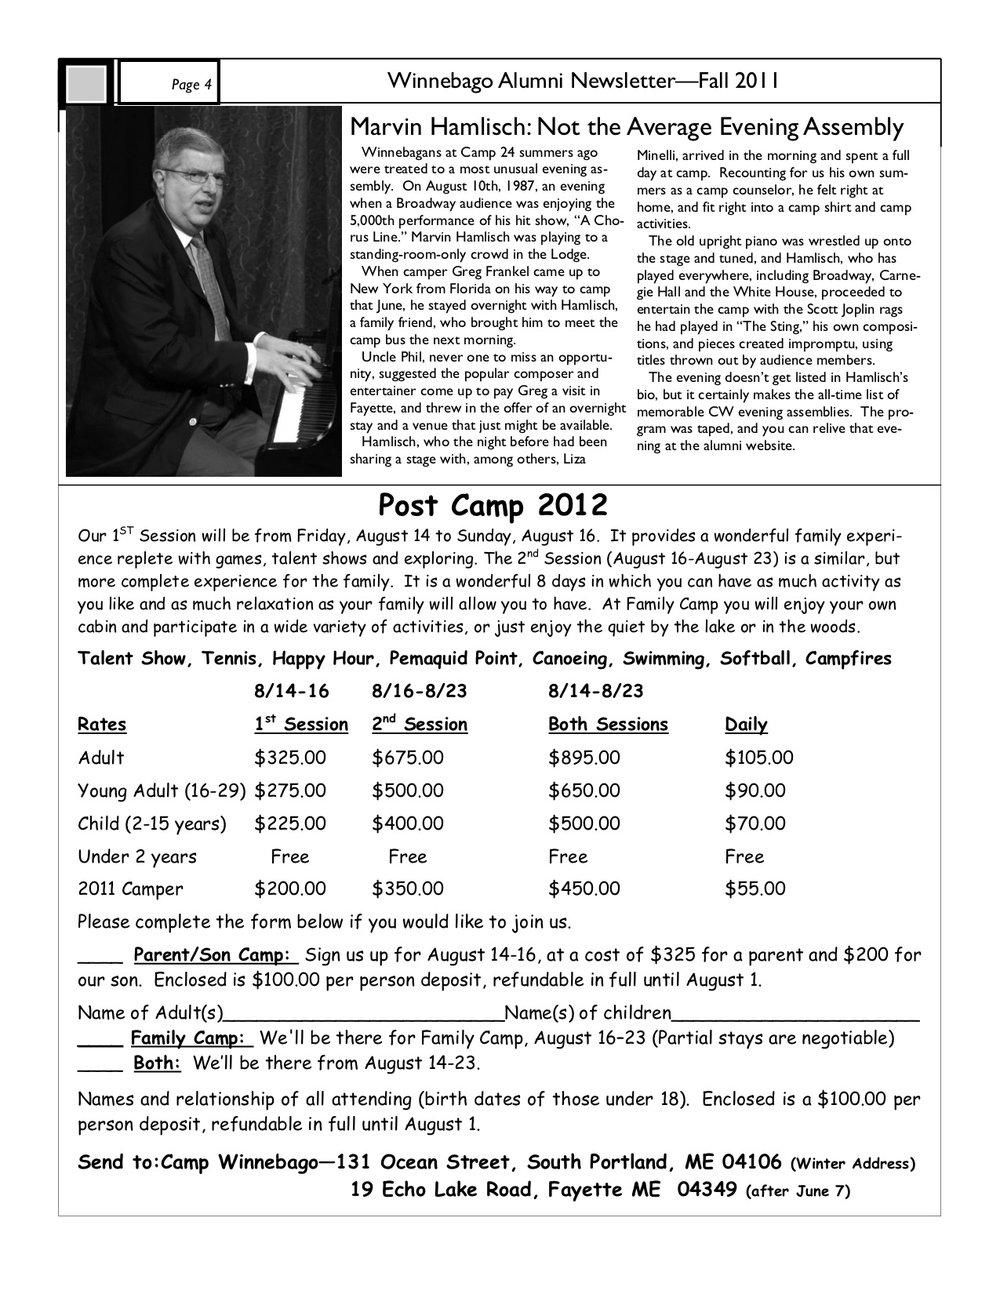 2011 Fall Newsletter 4.jpg